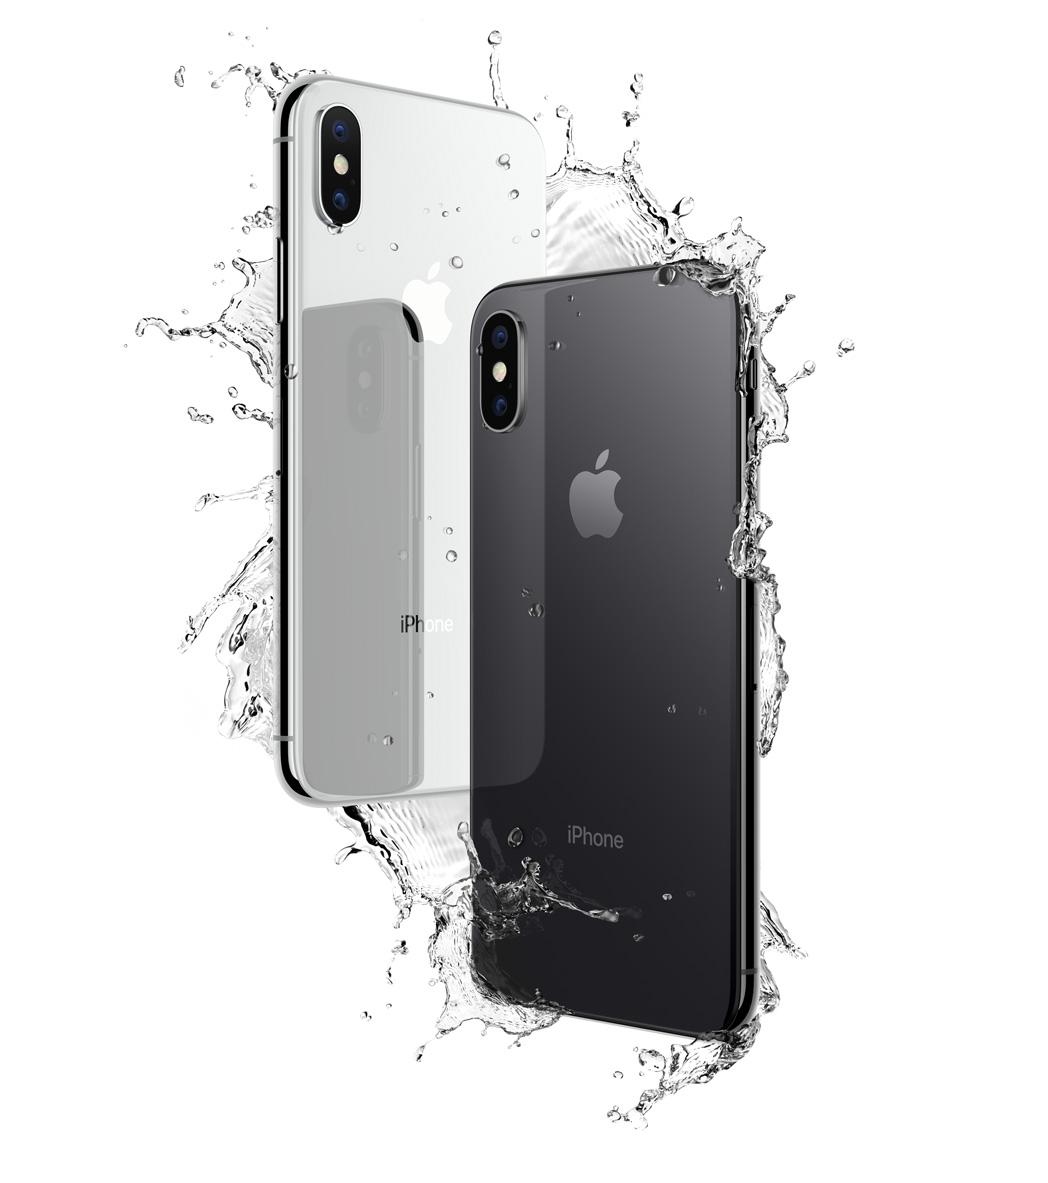 Ремонт телефона iPhone Xr в Киеве